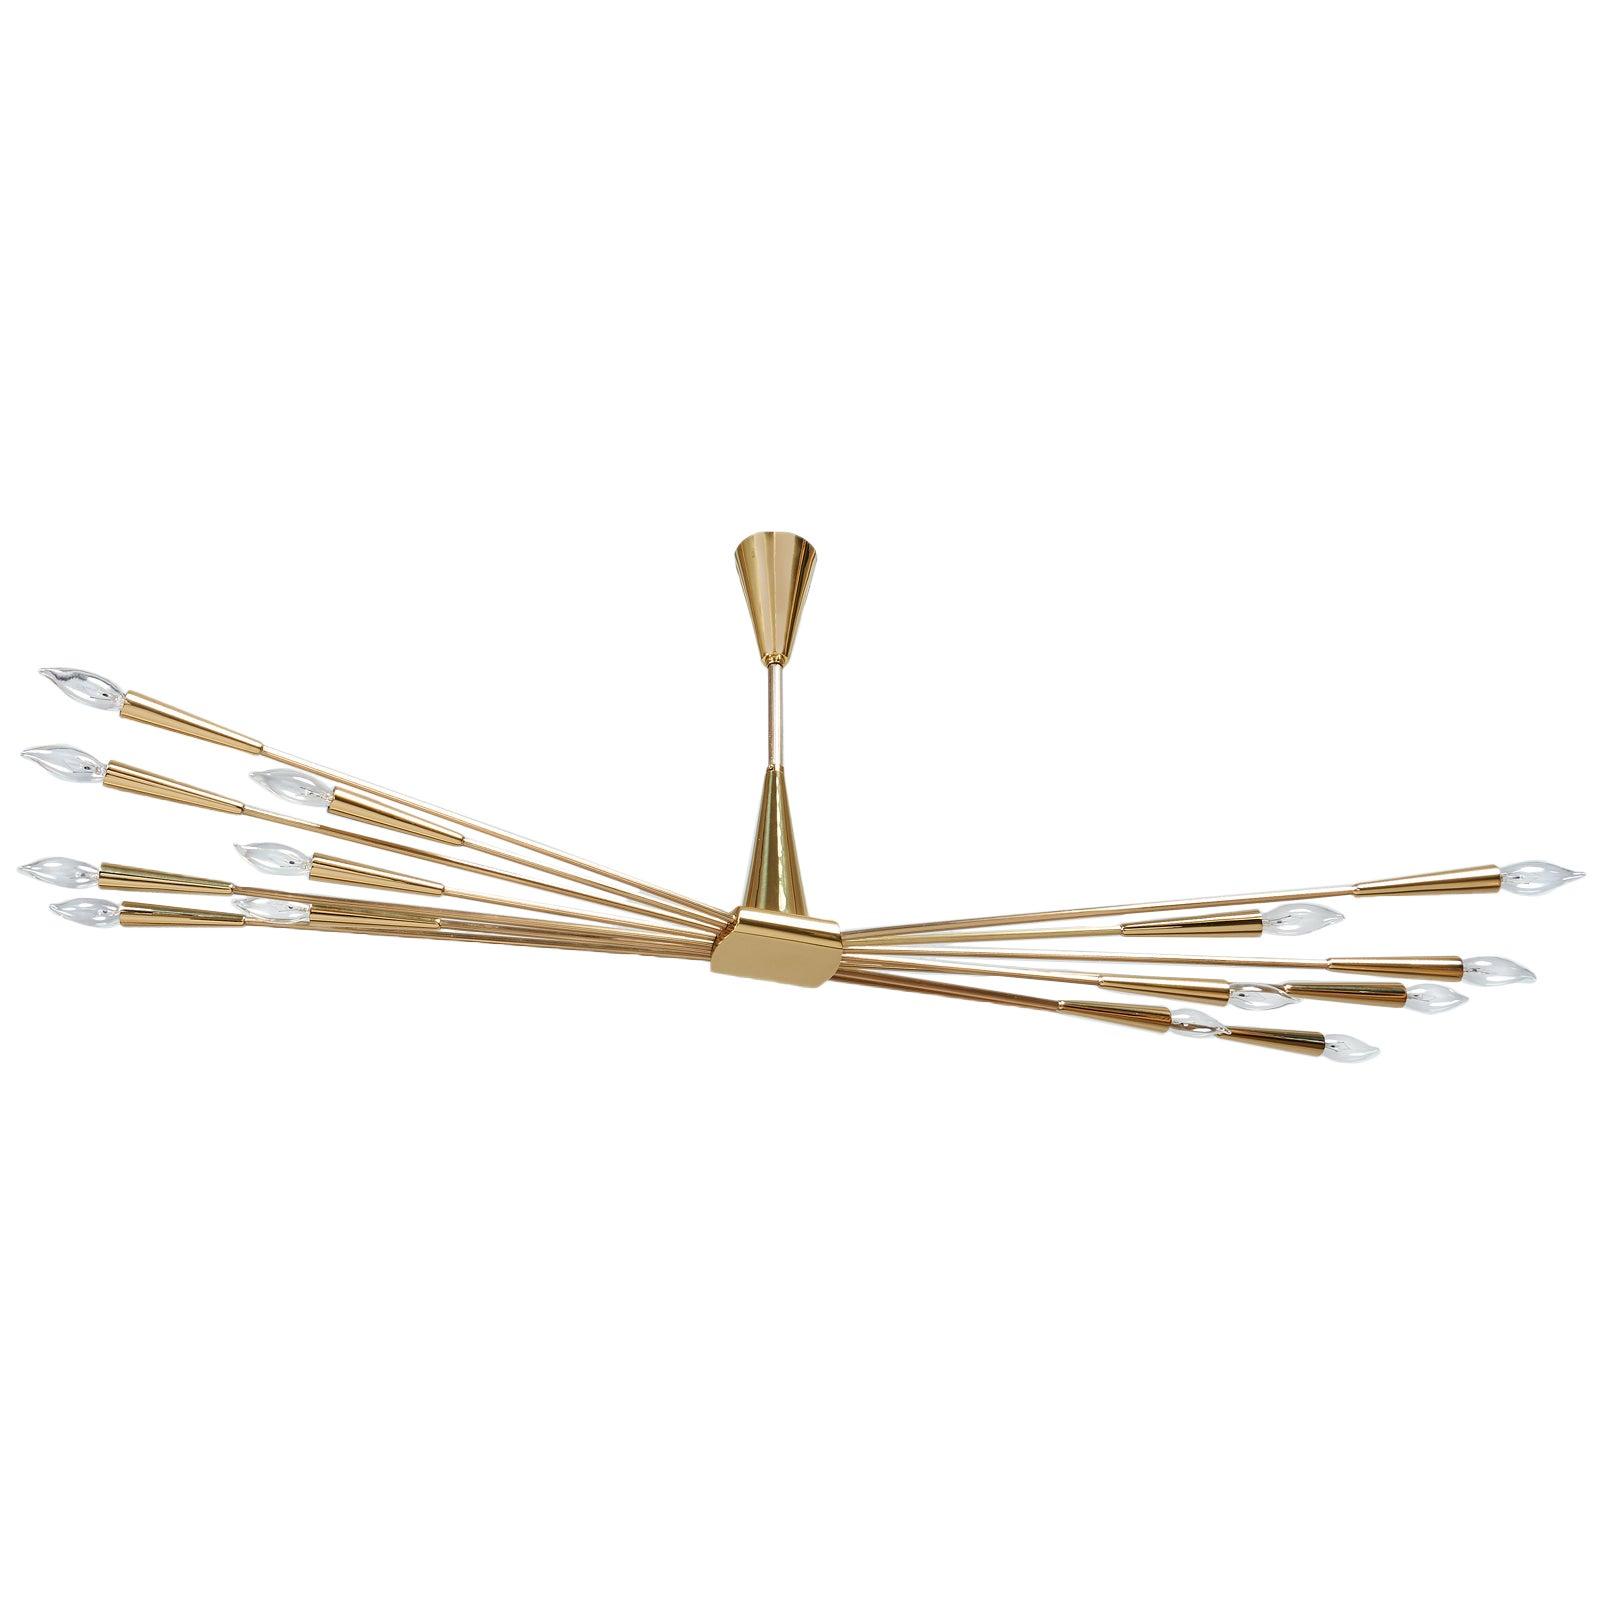 Oscar Torlasco 14-Arm Sputnik Chandelier in Mirror Polished Brass, Italy 1950s